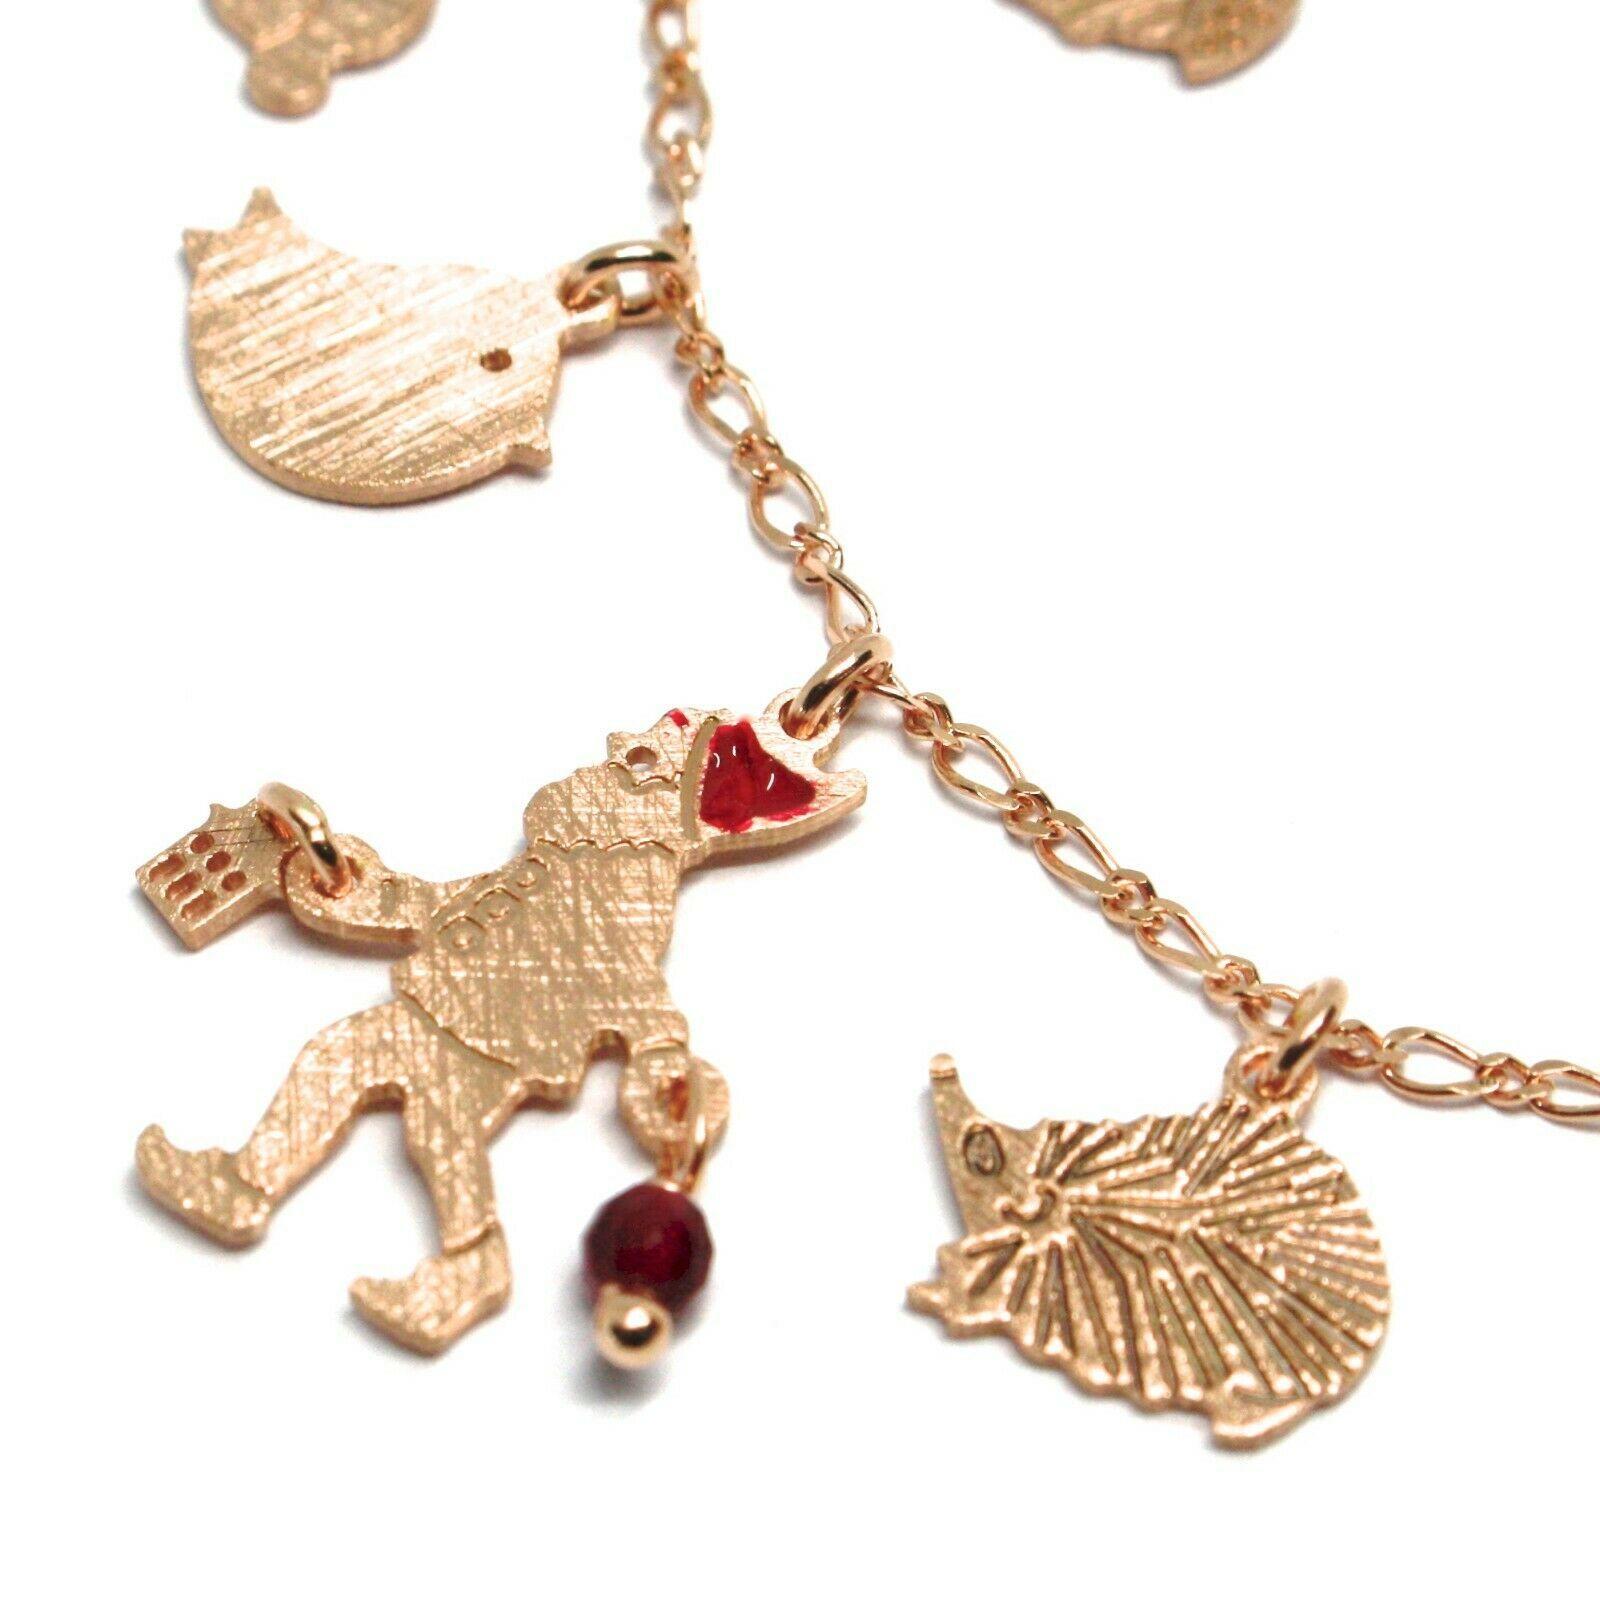 Bracelet en Argent 925, Lapin, Écureuil, Faon, Hérisson, Hibou, le Favole image 2